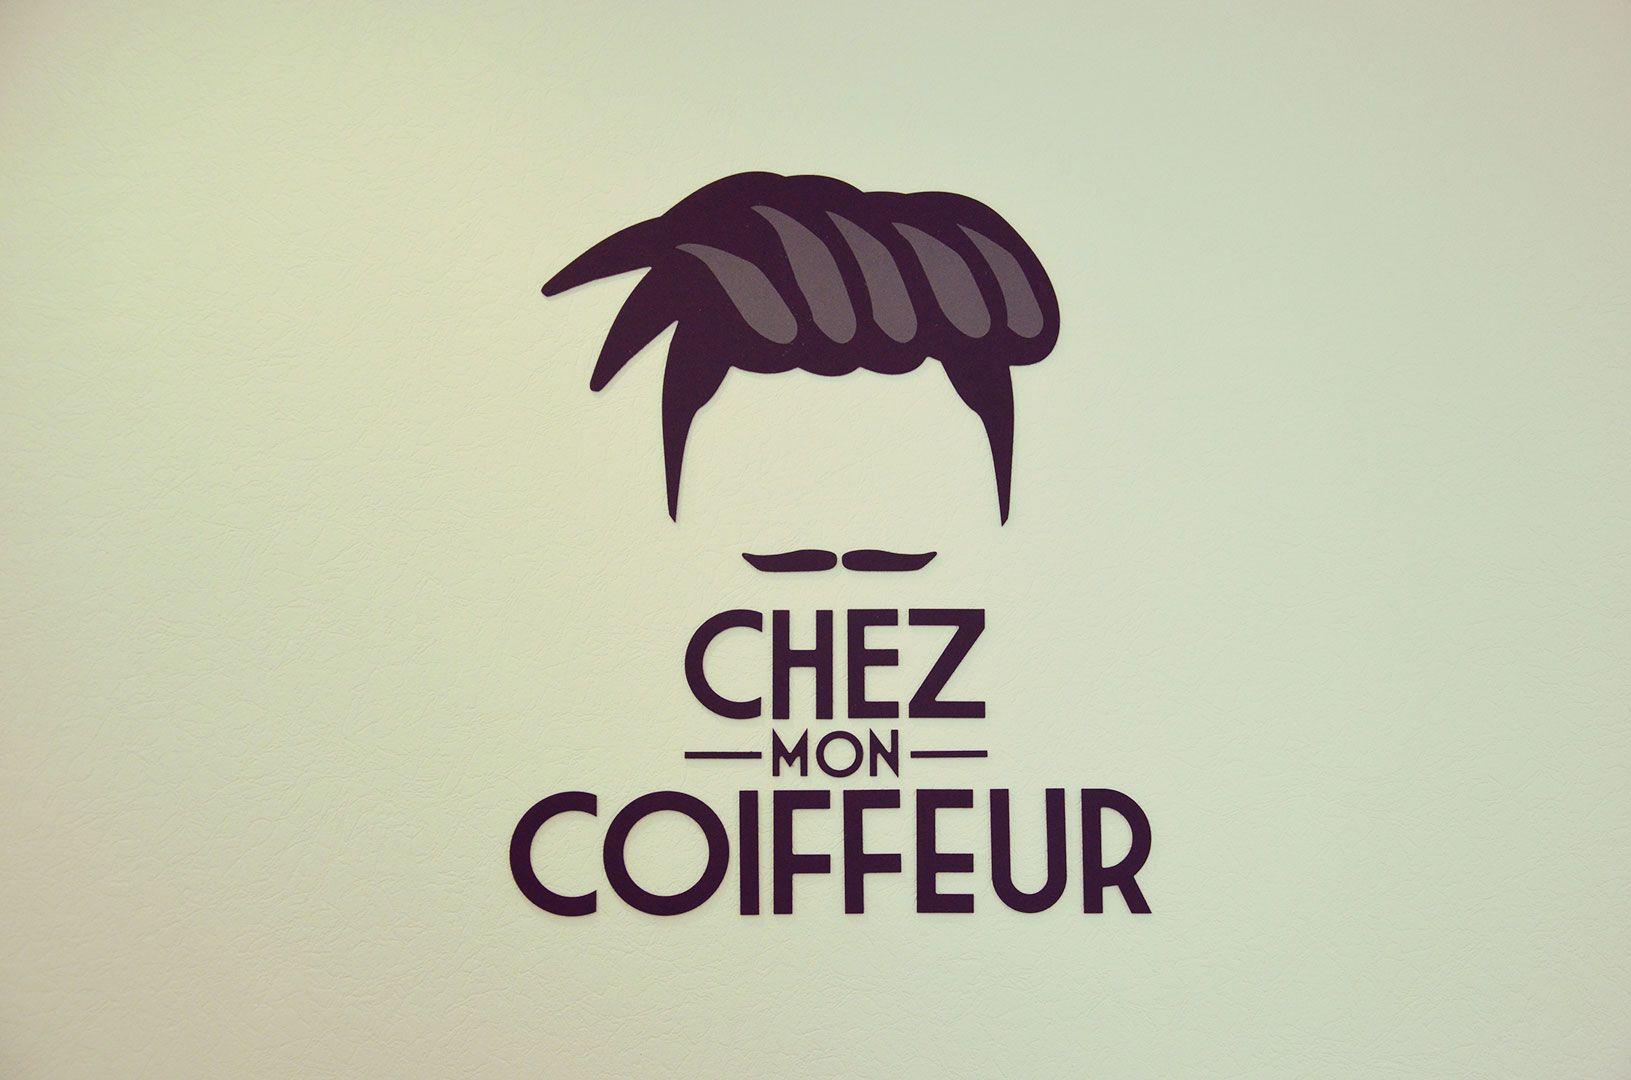 Logo du salon de coiffure Chez mon coiffeur #logo #cirejaune #coiffeur | Logo coiffure ...